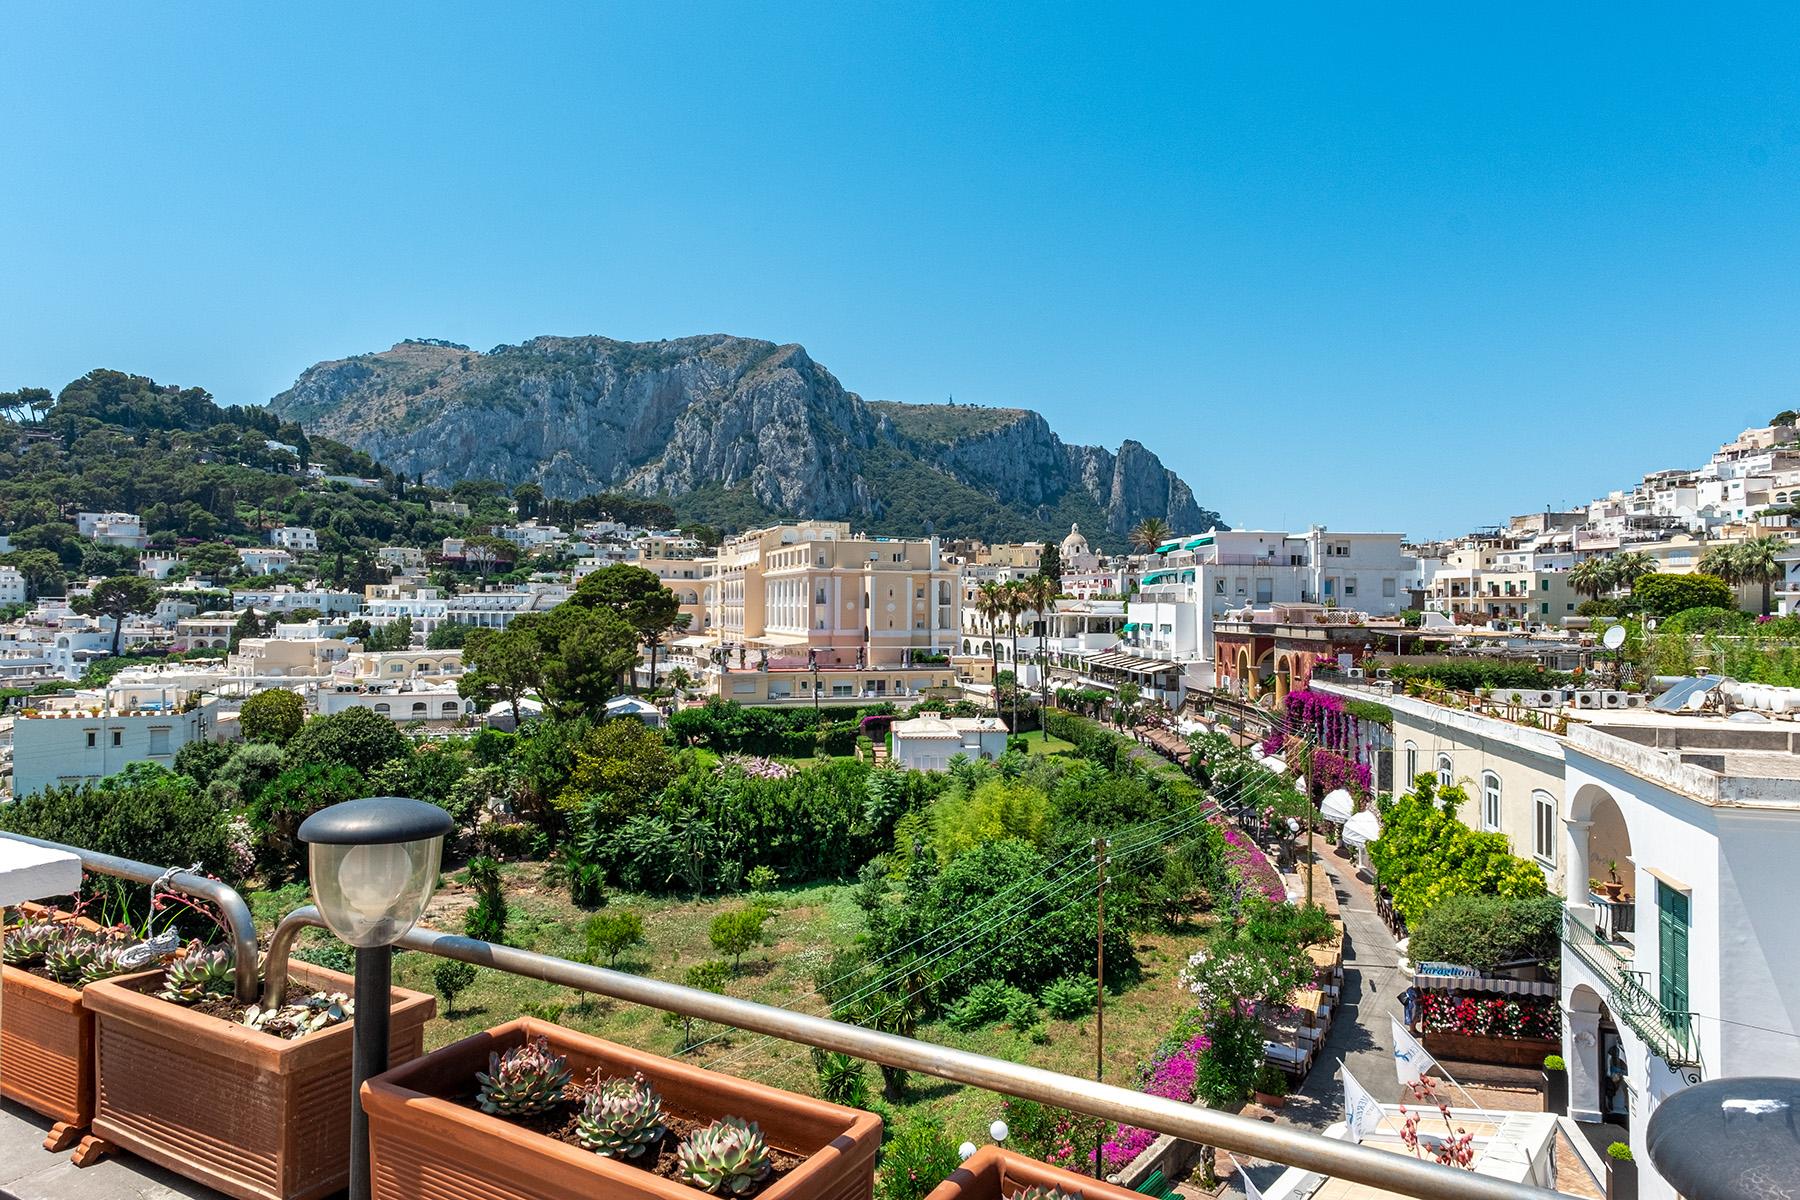 Attico in Vendita a Capri: 5 locali, 160 mq - Foto 9